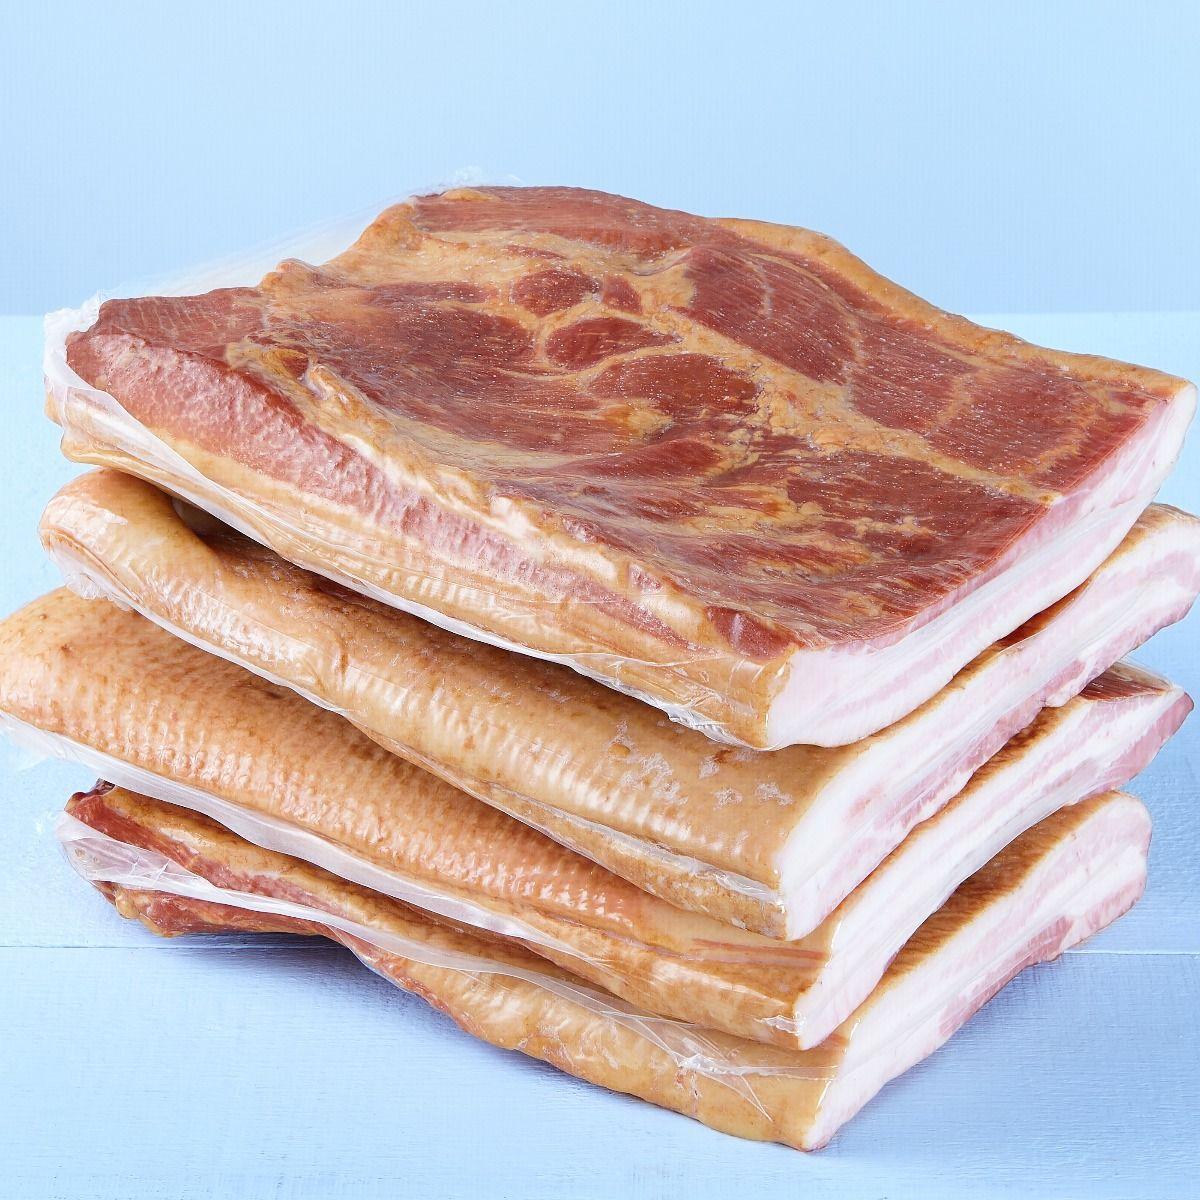 Flèche de bacon, entièrement cuite